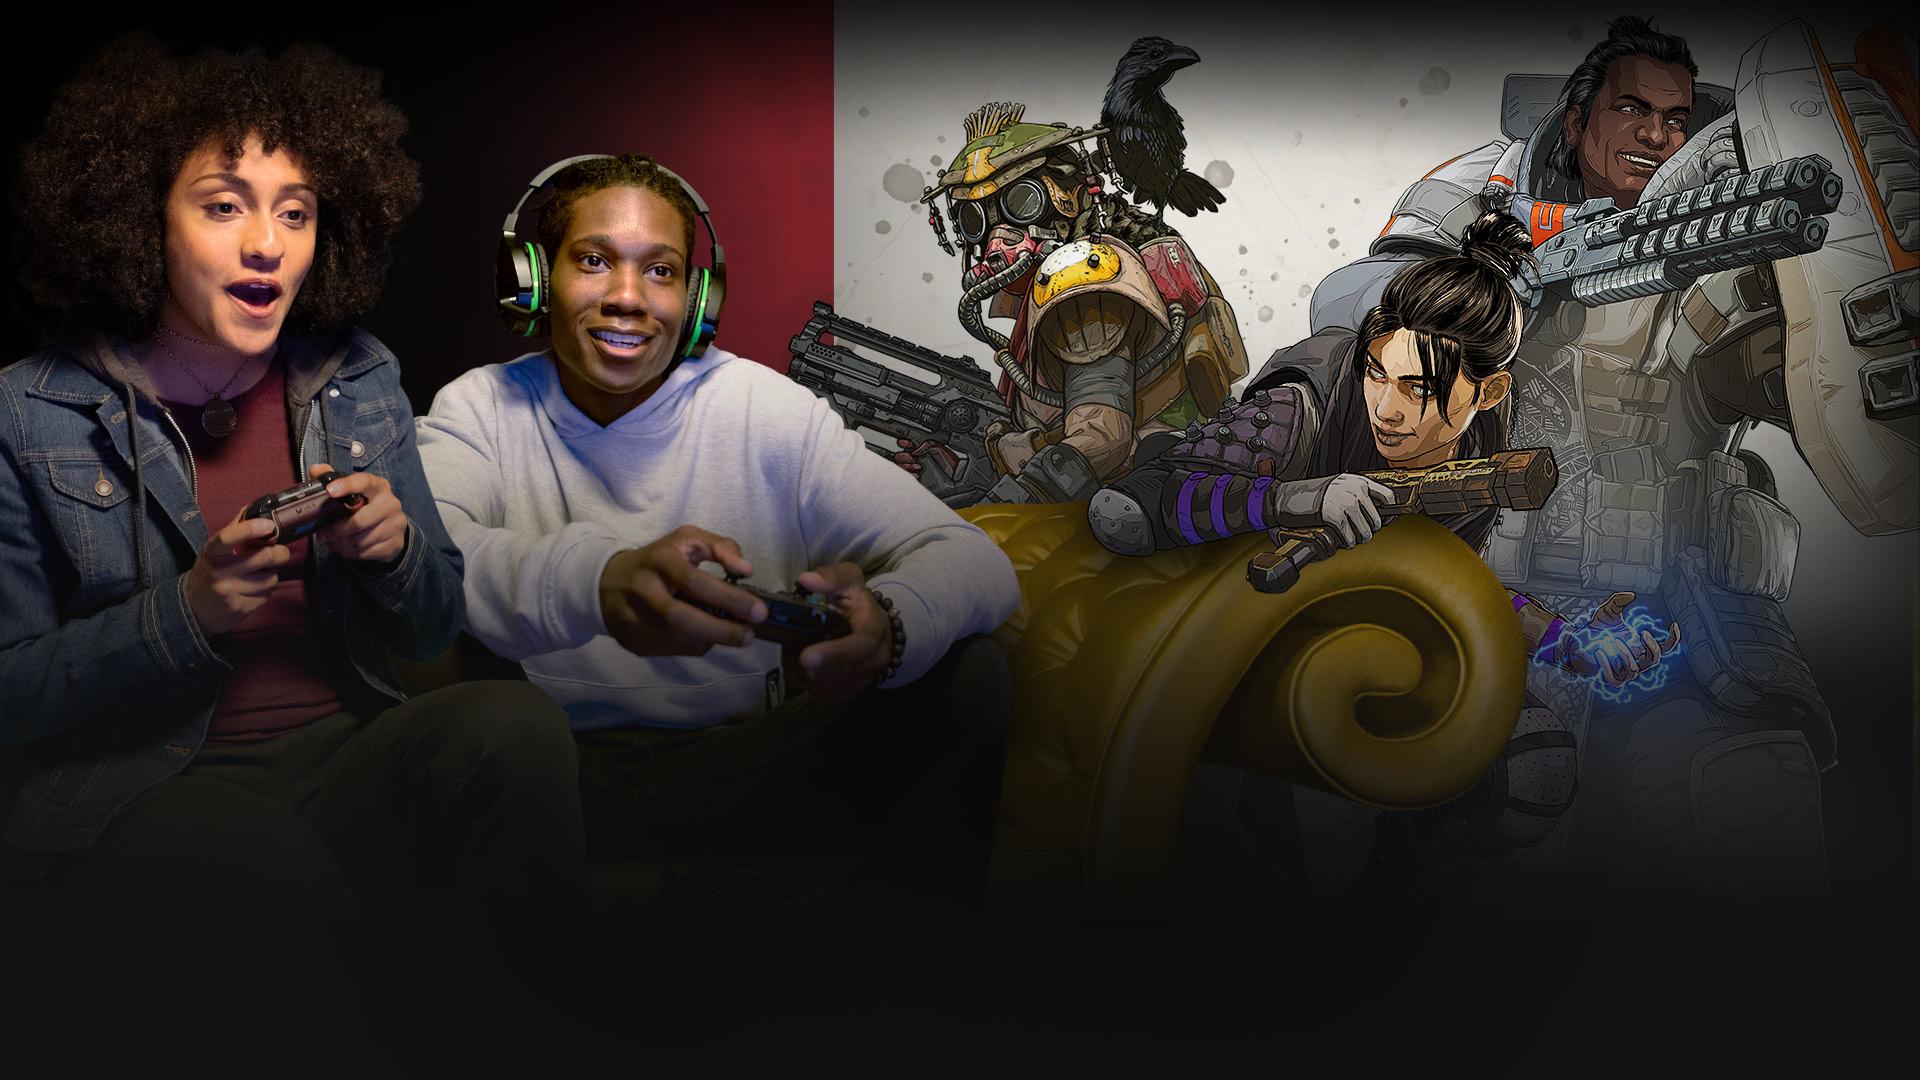 Twee mensen die Xbox one-controllers op een gouden laag vasthouden, met drie Apex Legends-karakters dichtbij hun arm